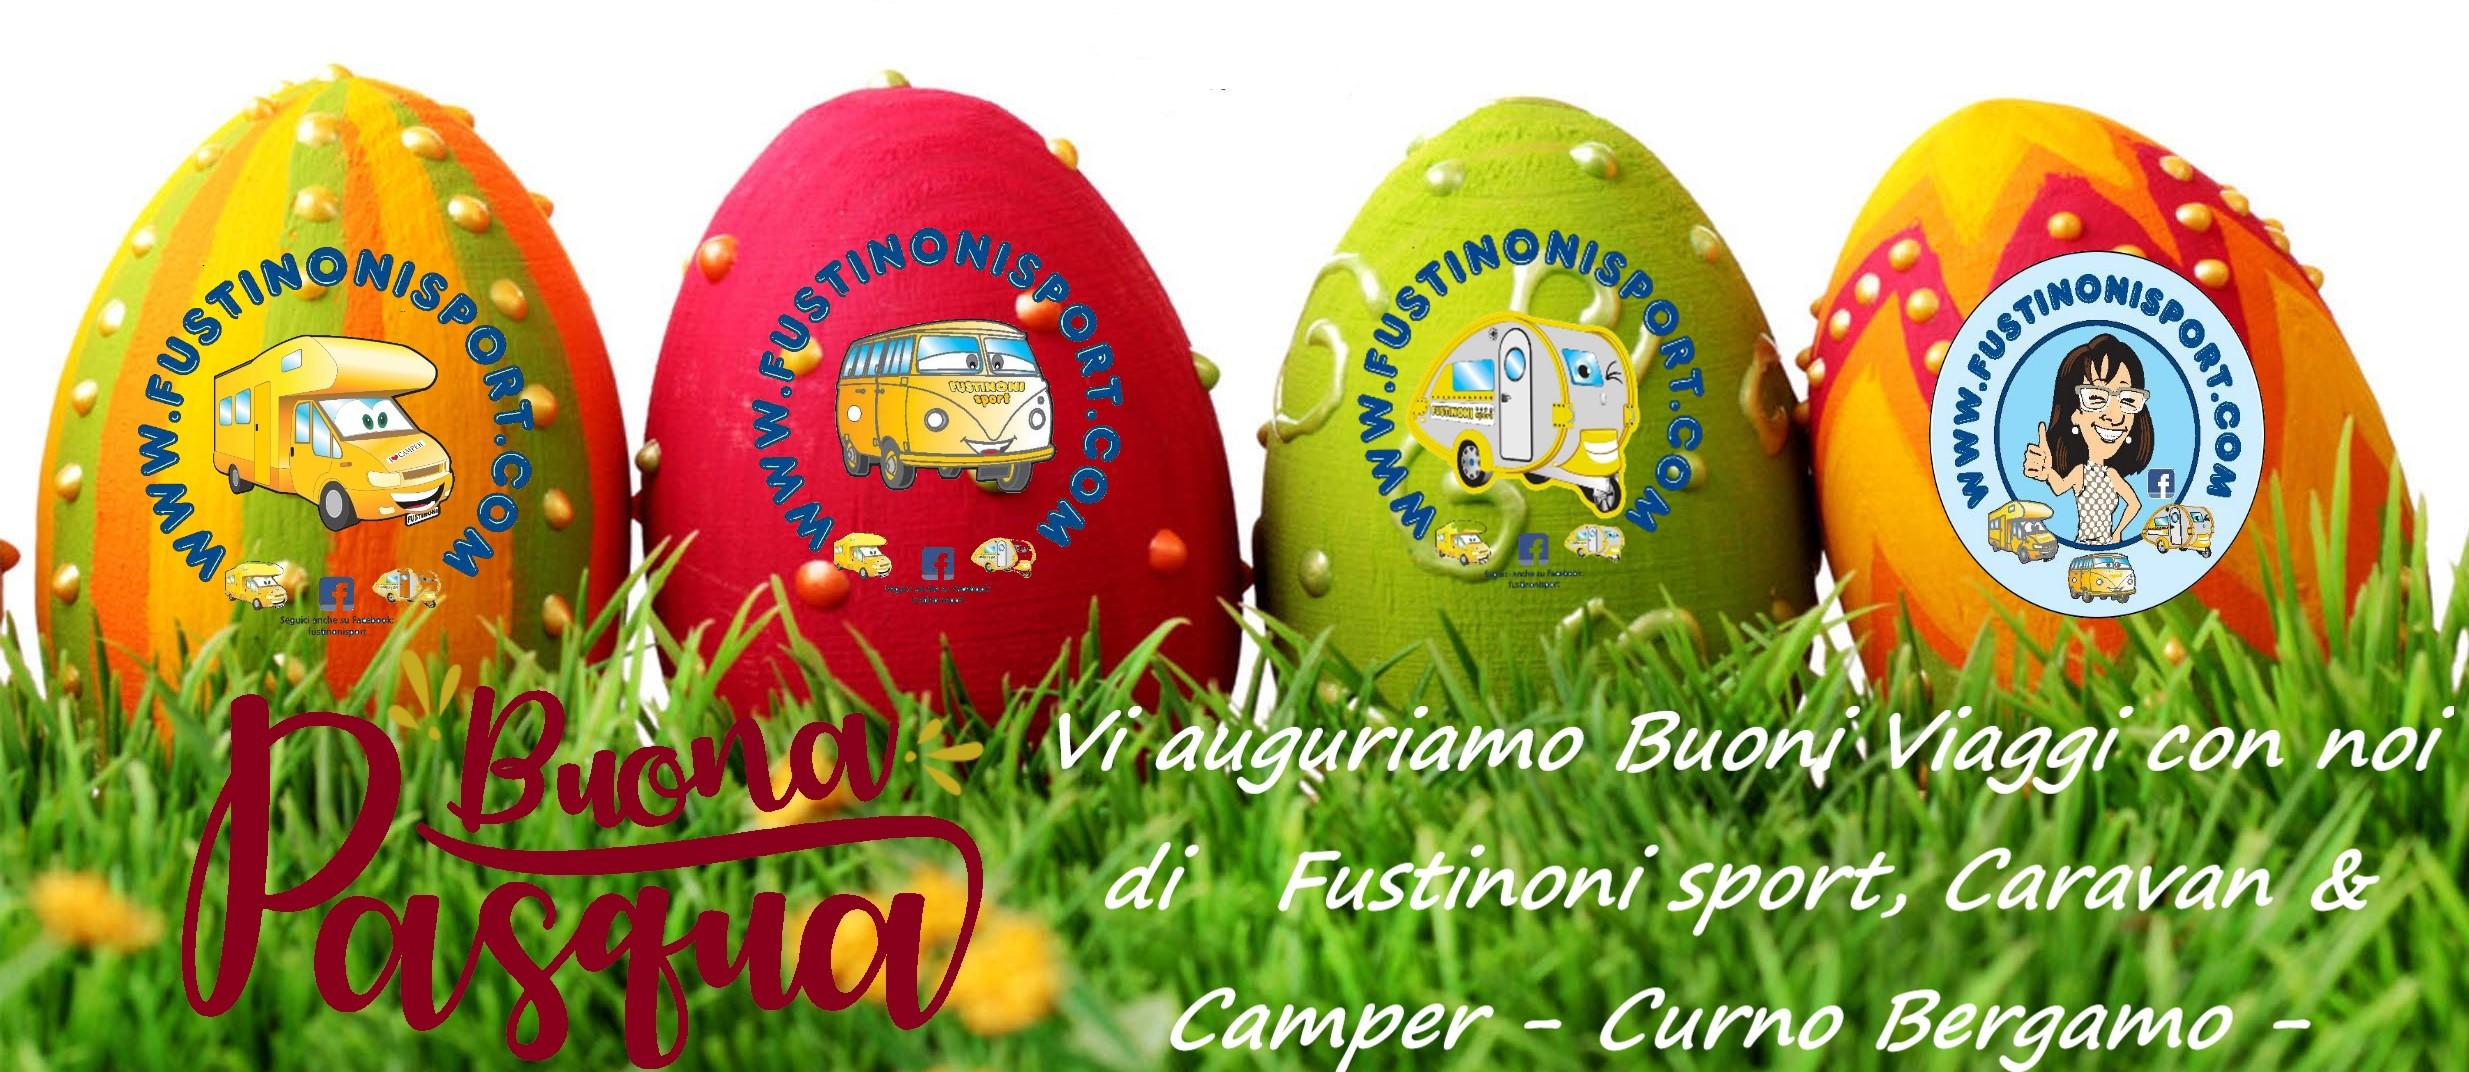 buona-pasqua-fustinoni-sport-curno-bg-2019